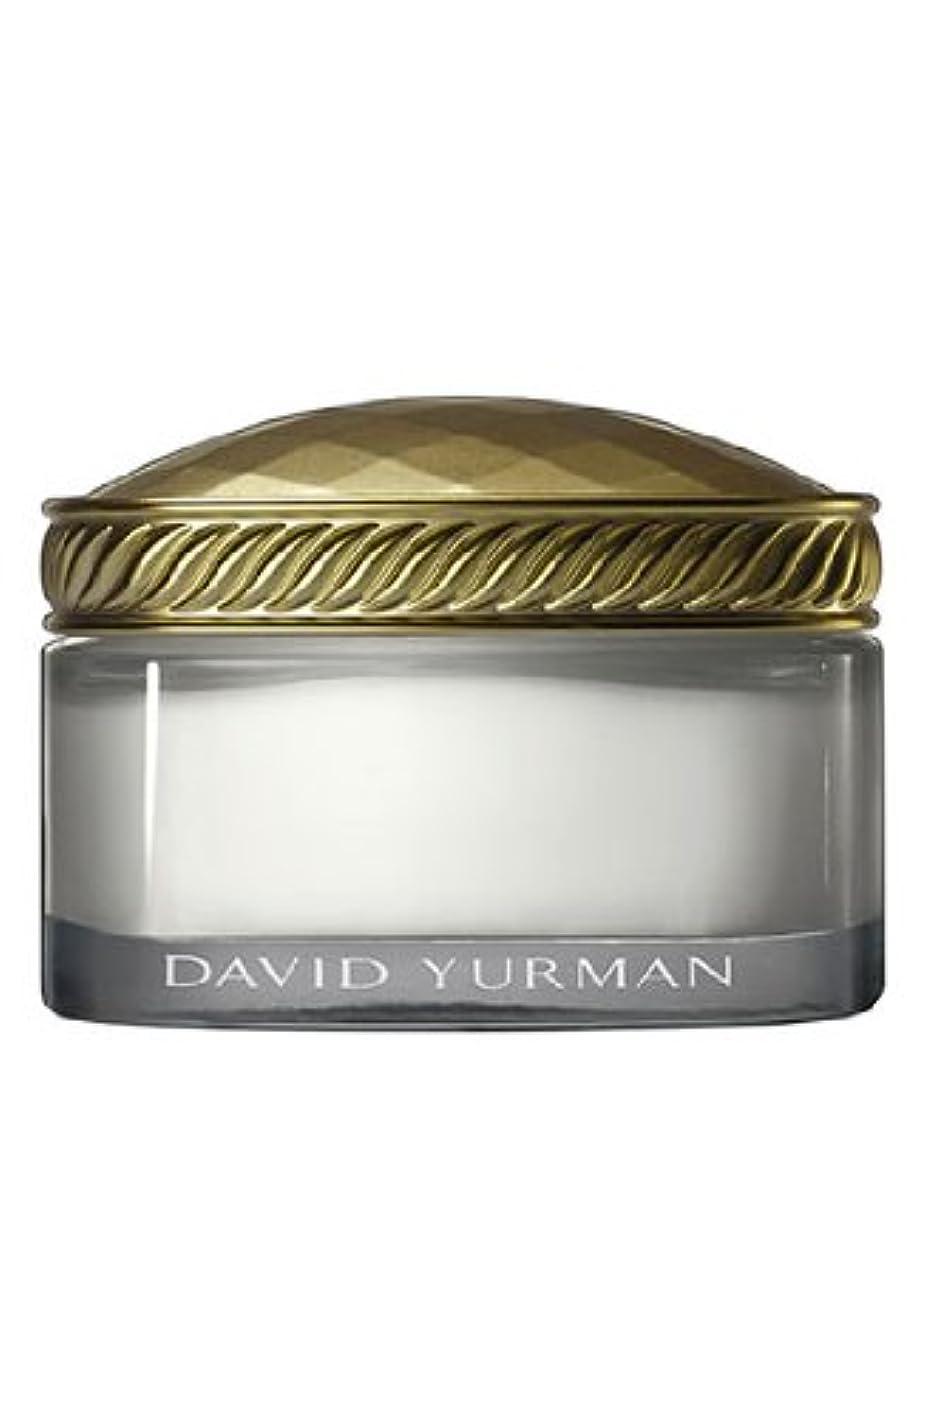 マルクス主義者乱気流セイはさておきDavid Yurman (デイビッド ヤーマン) 6.7 oz (100ml) Luxurious Body Cream (箱なし) for Women